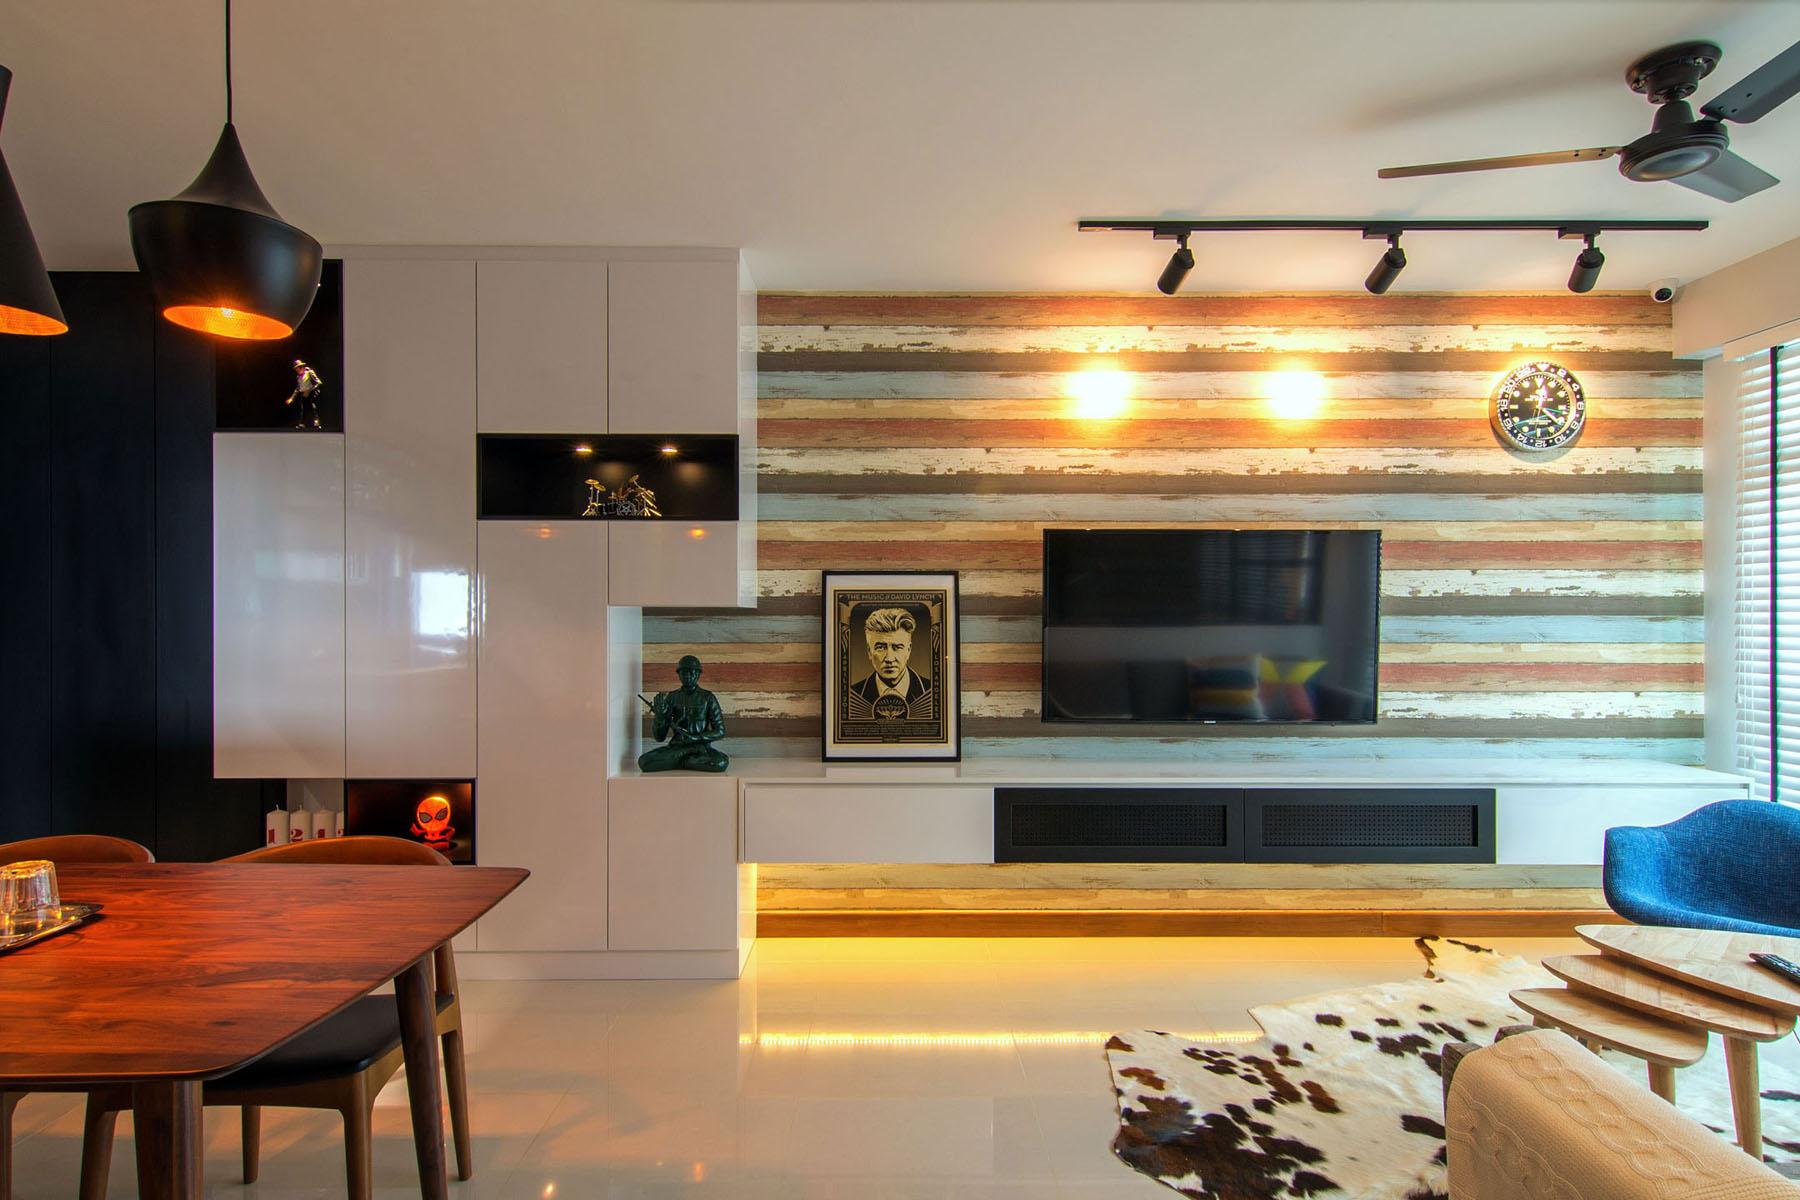 Однокомнатная квартира 40 кв м с глянцевой мебелью